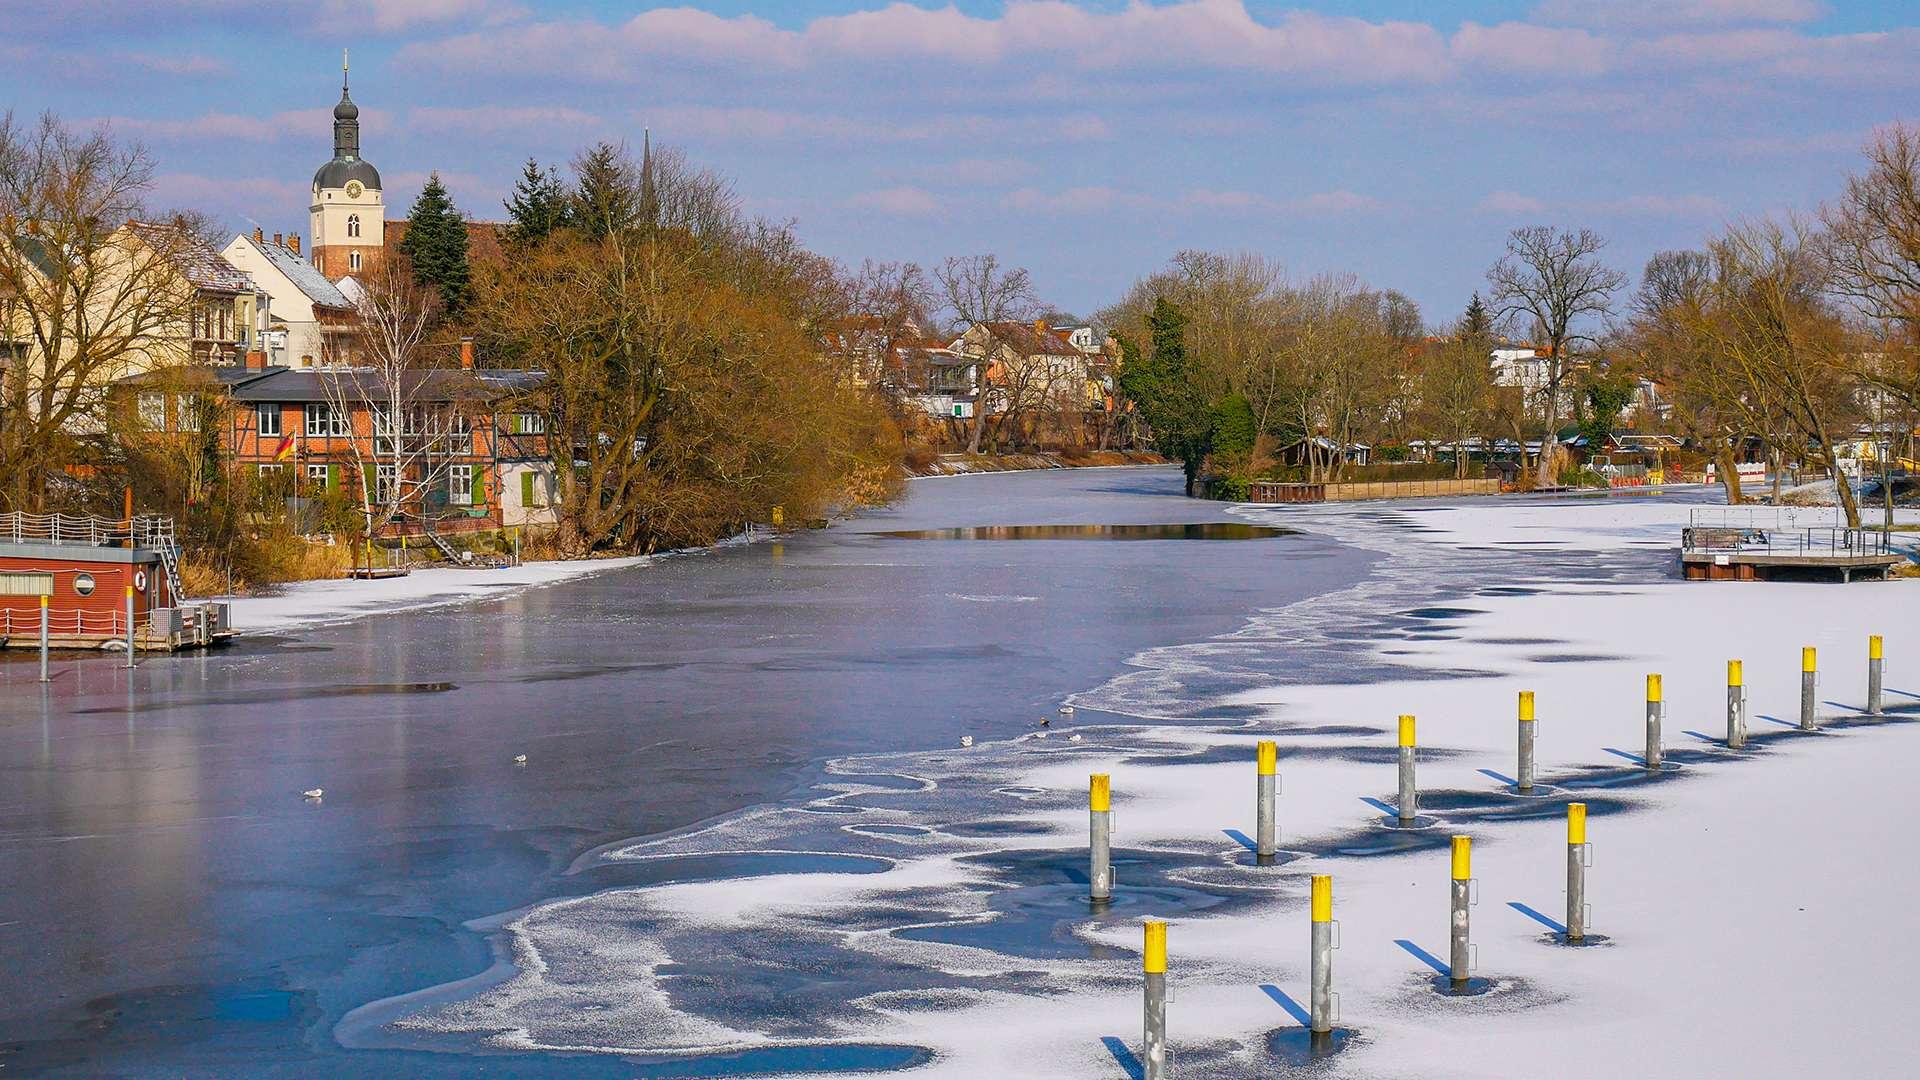 Winter in Brandenburg an der Havel